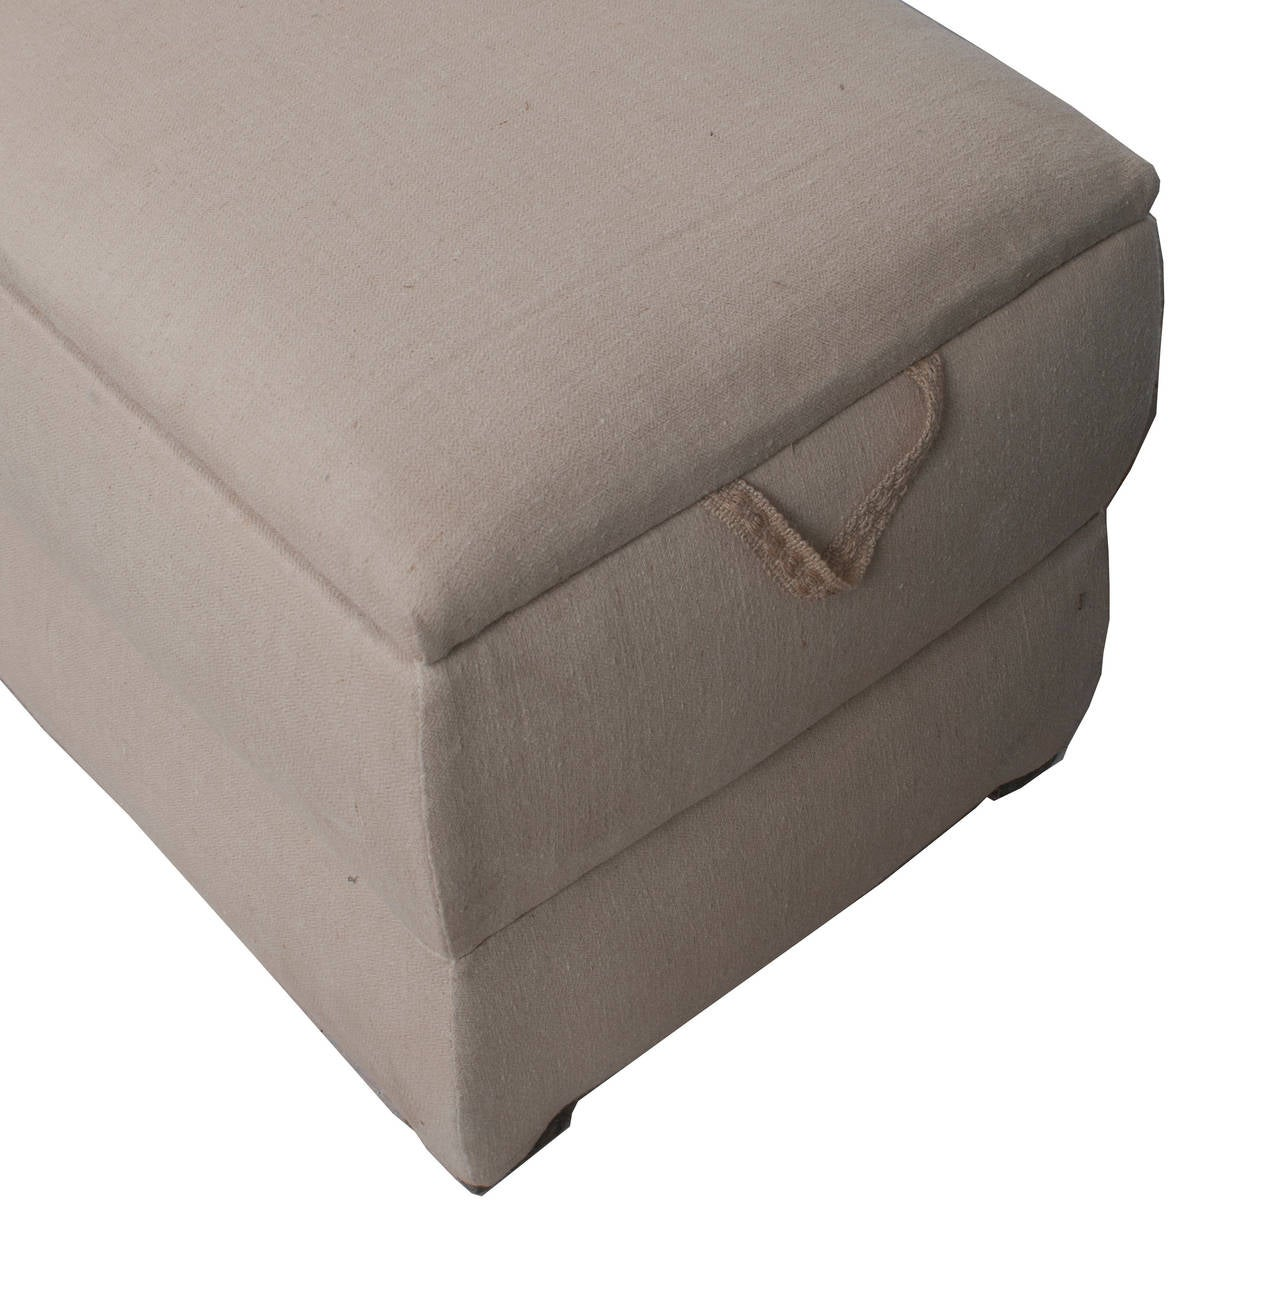 Pair of Italian Trunks Upholstered in Antique White Linen 2